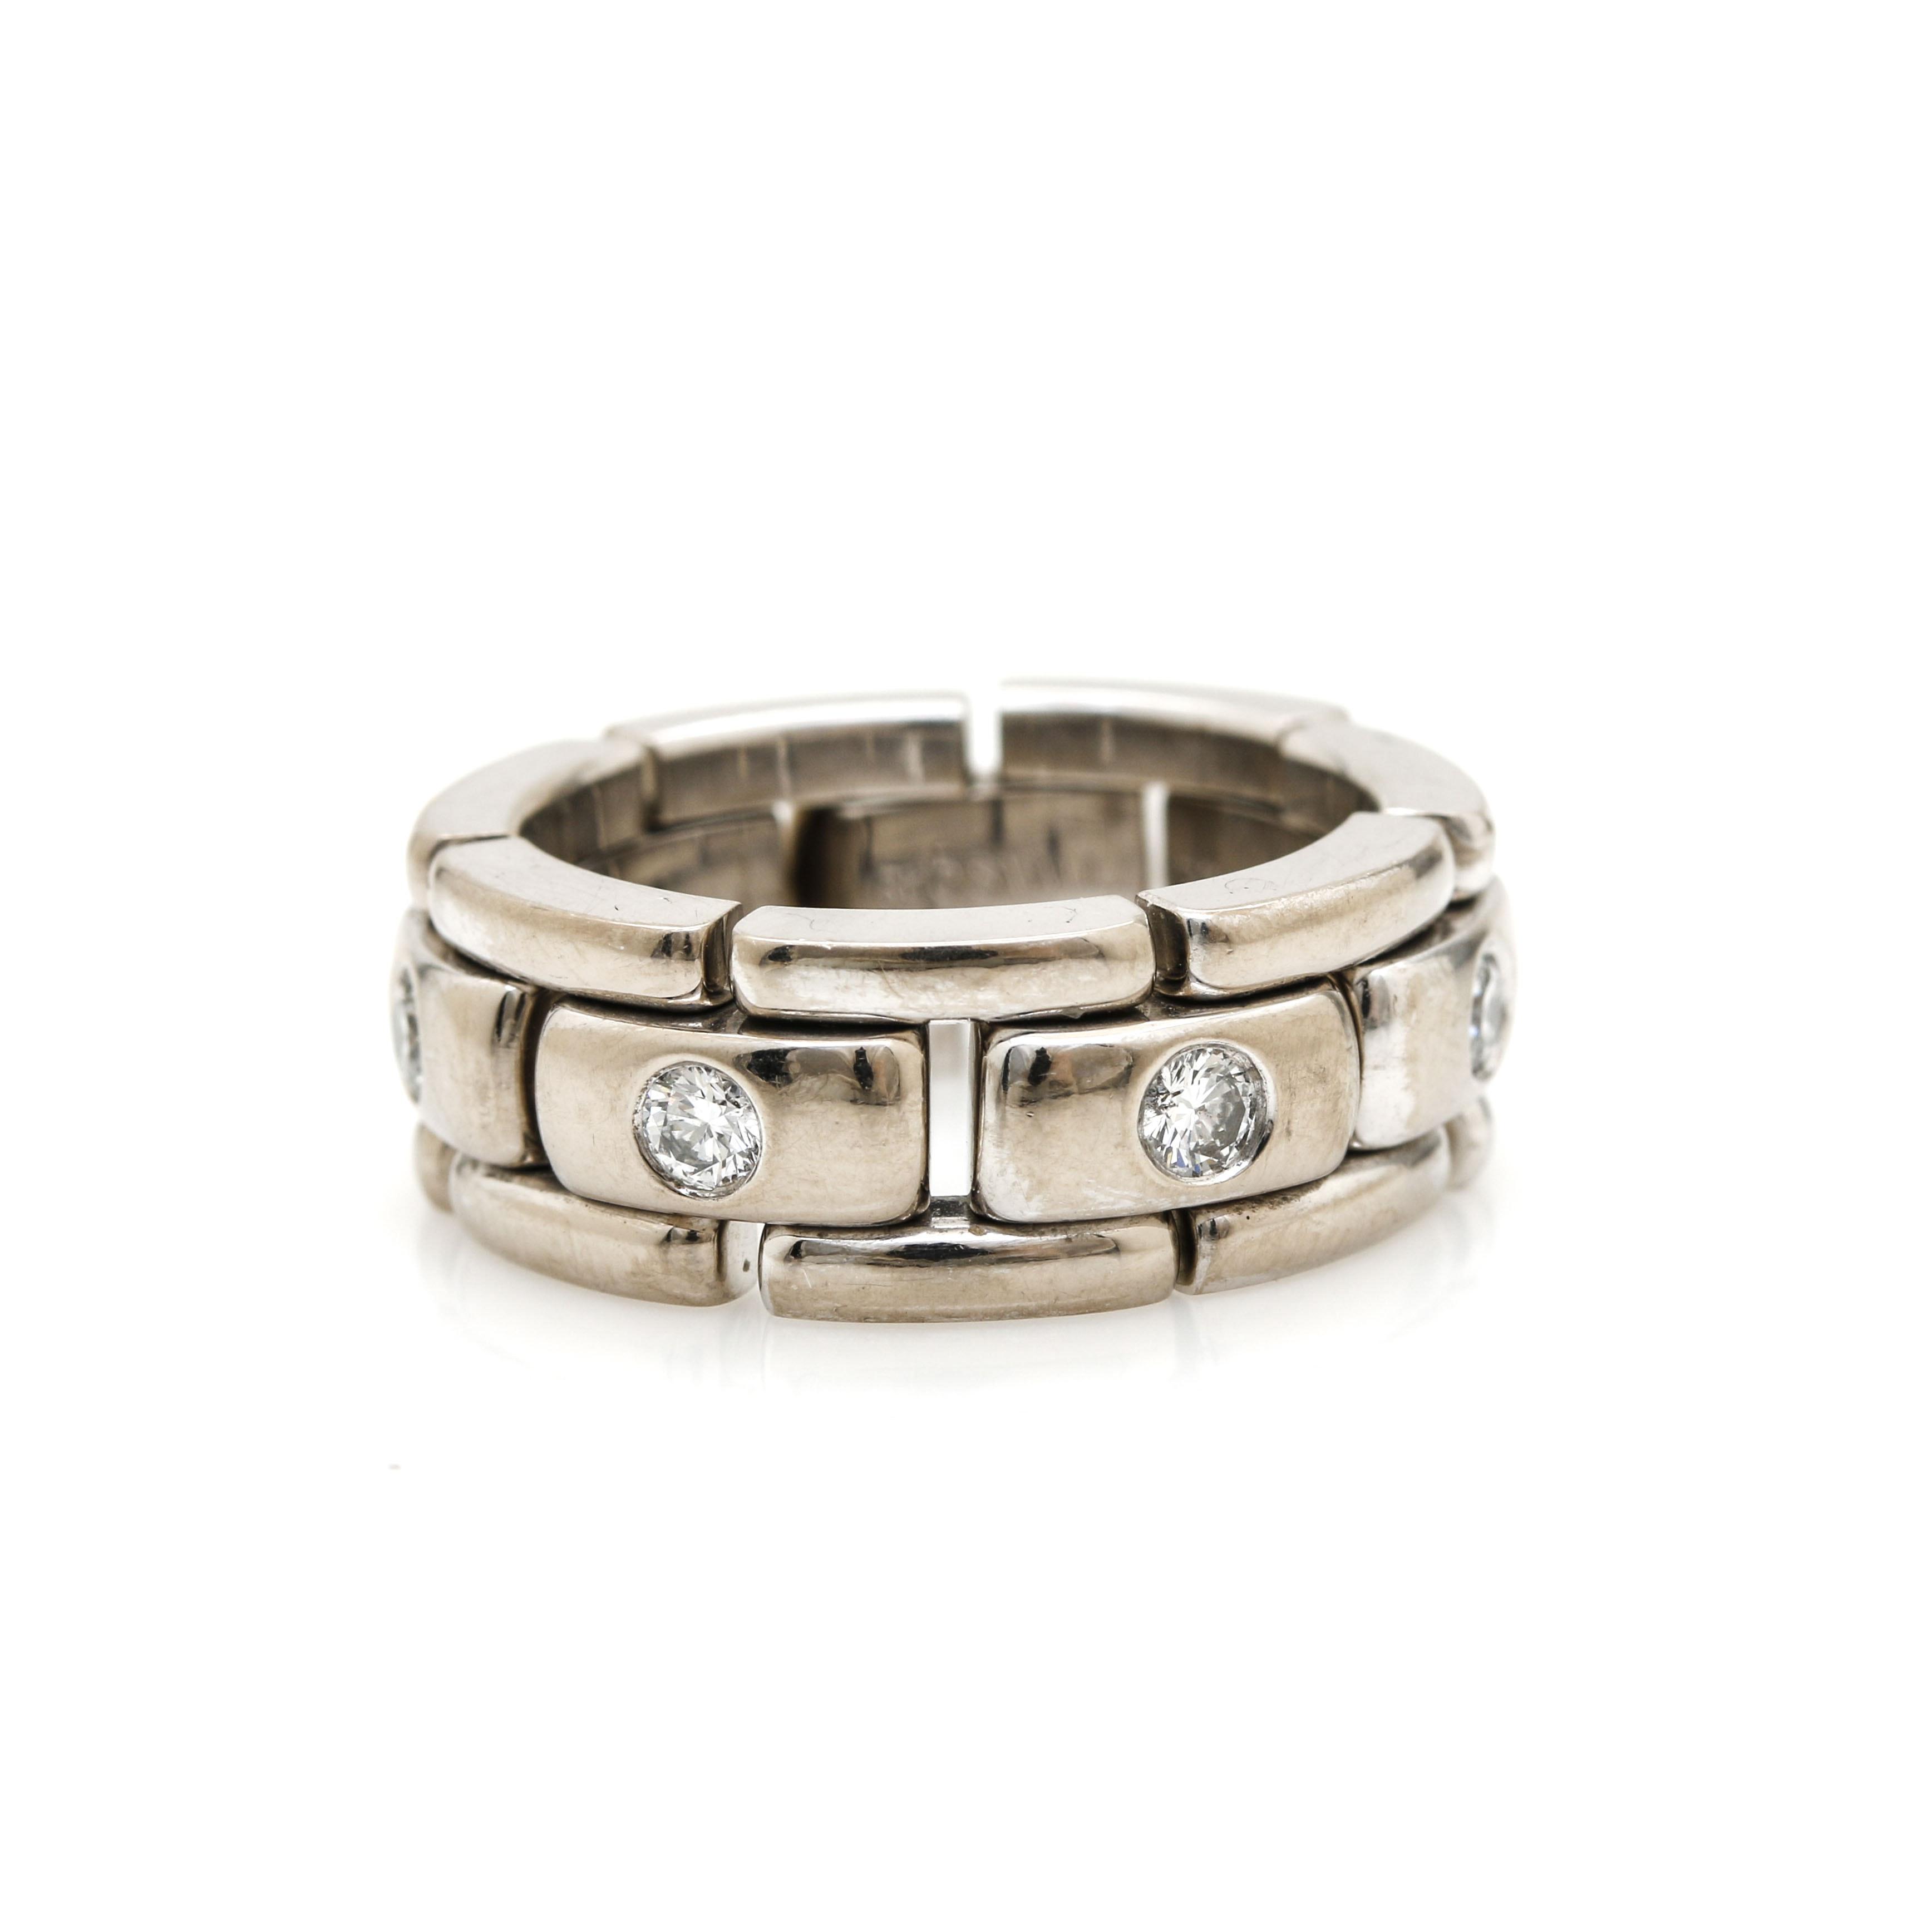 18K White Gold Diamond Link Ring